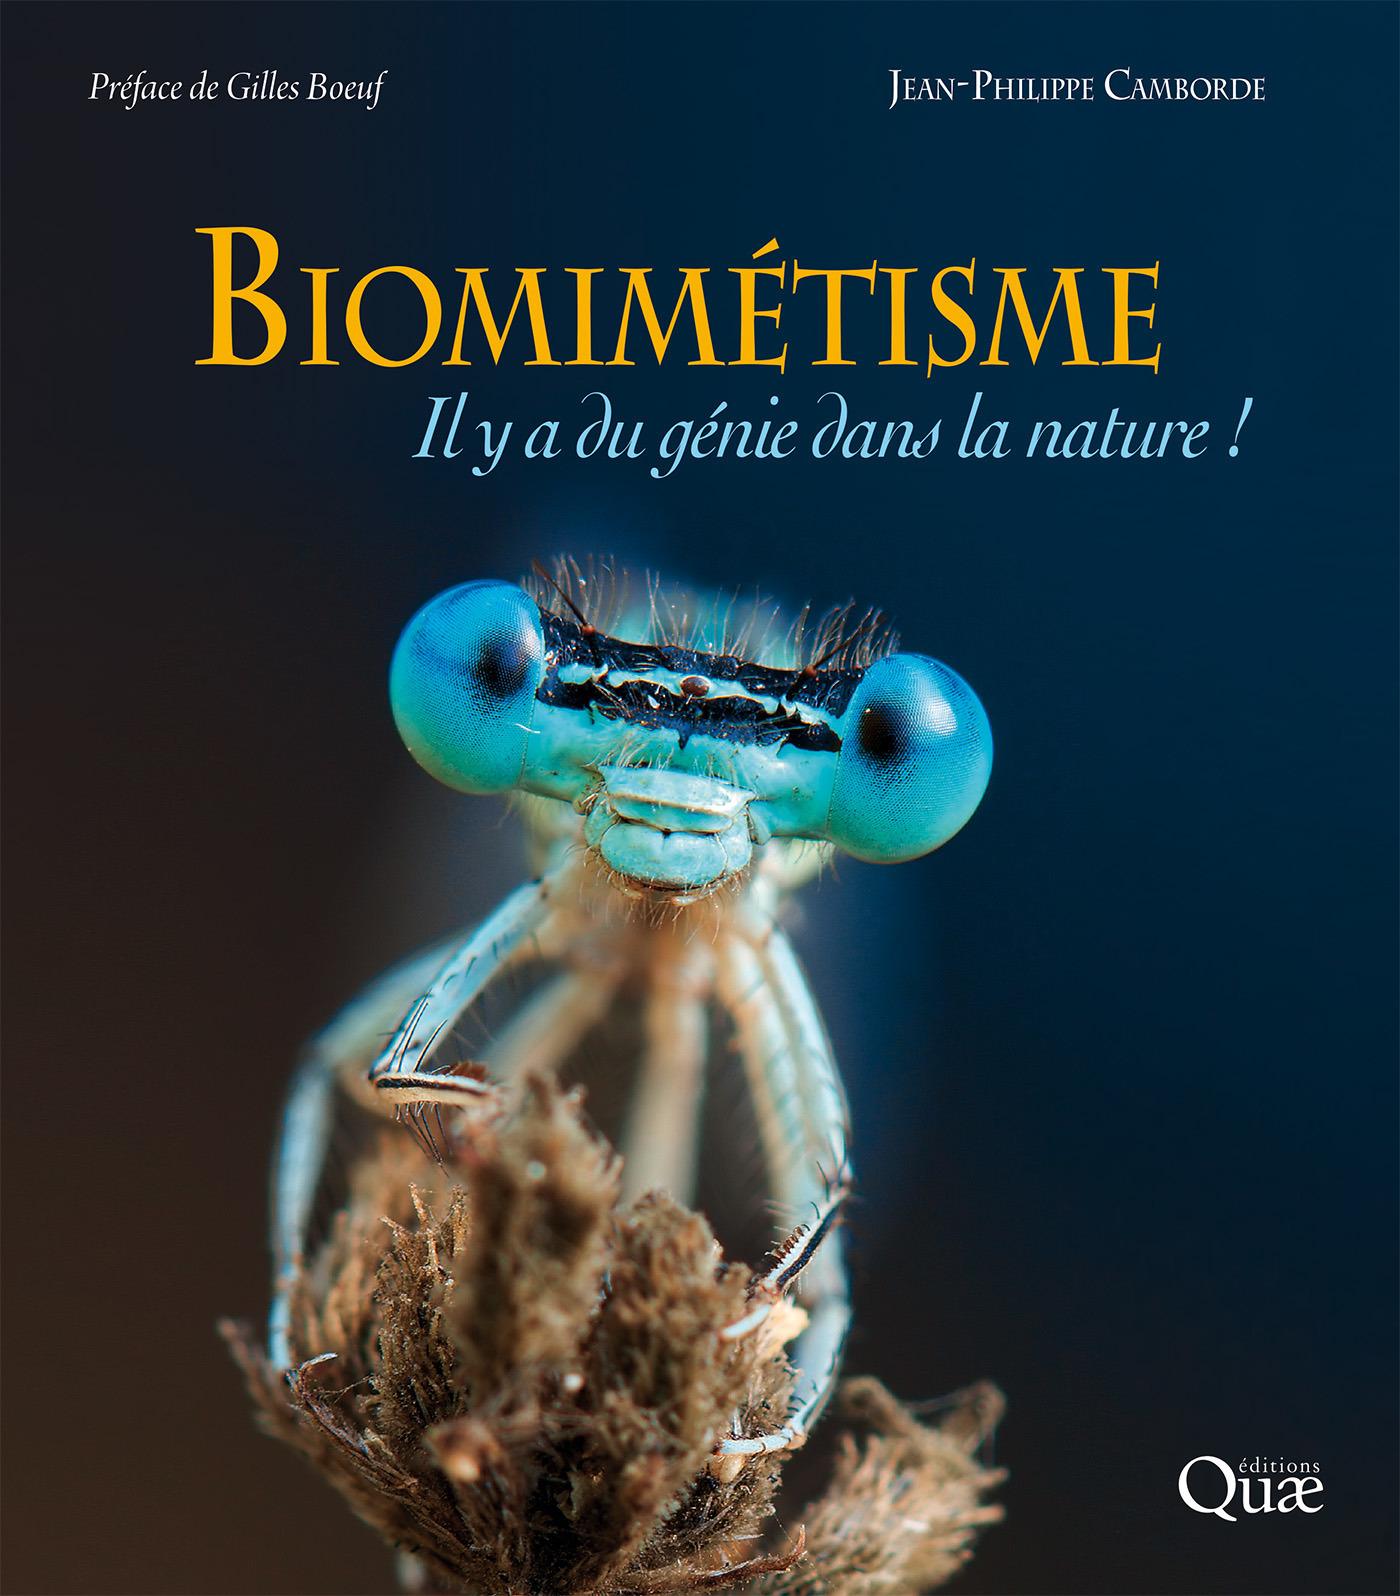 Biomimétisme ; il y a du génie dans la nature !